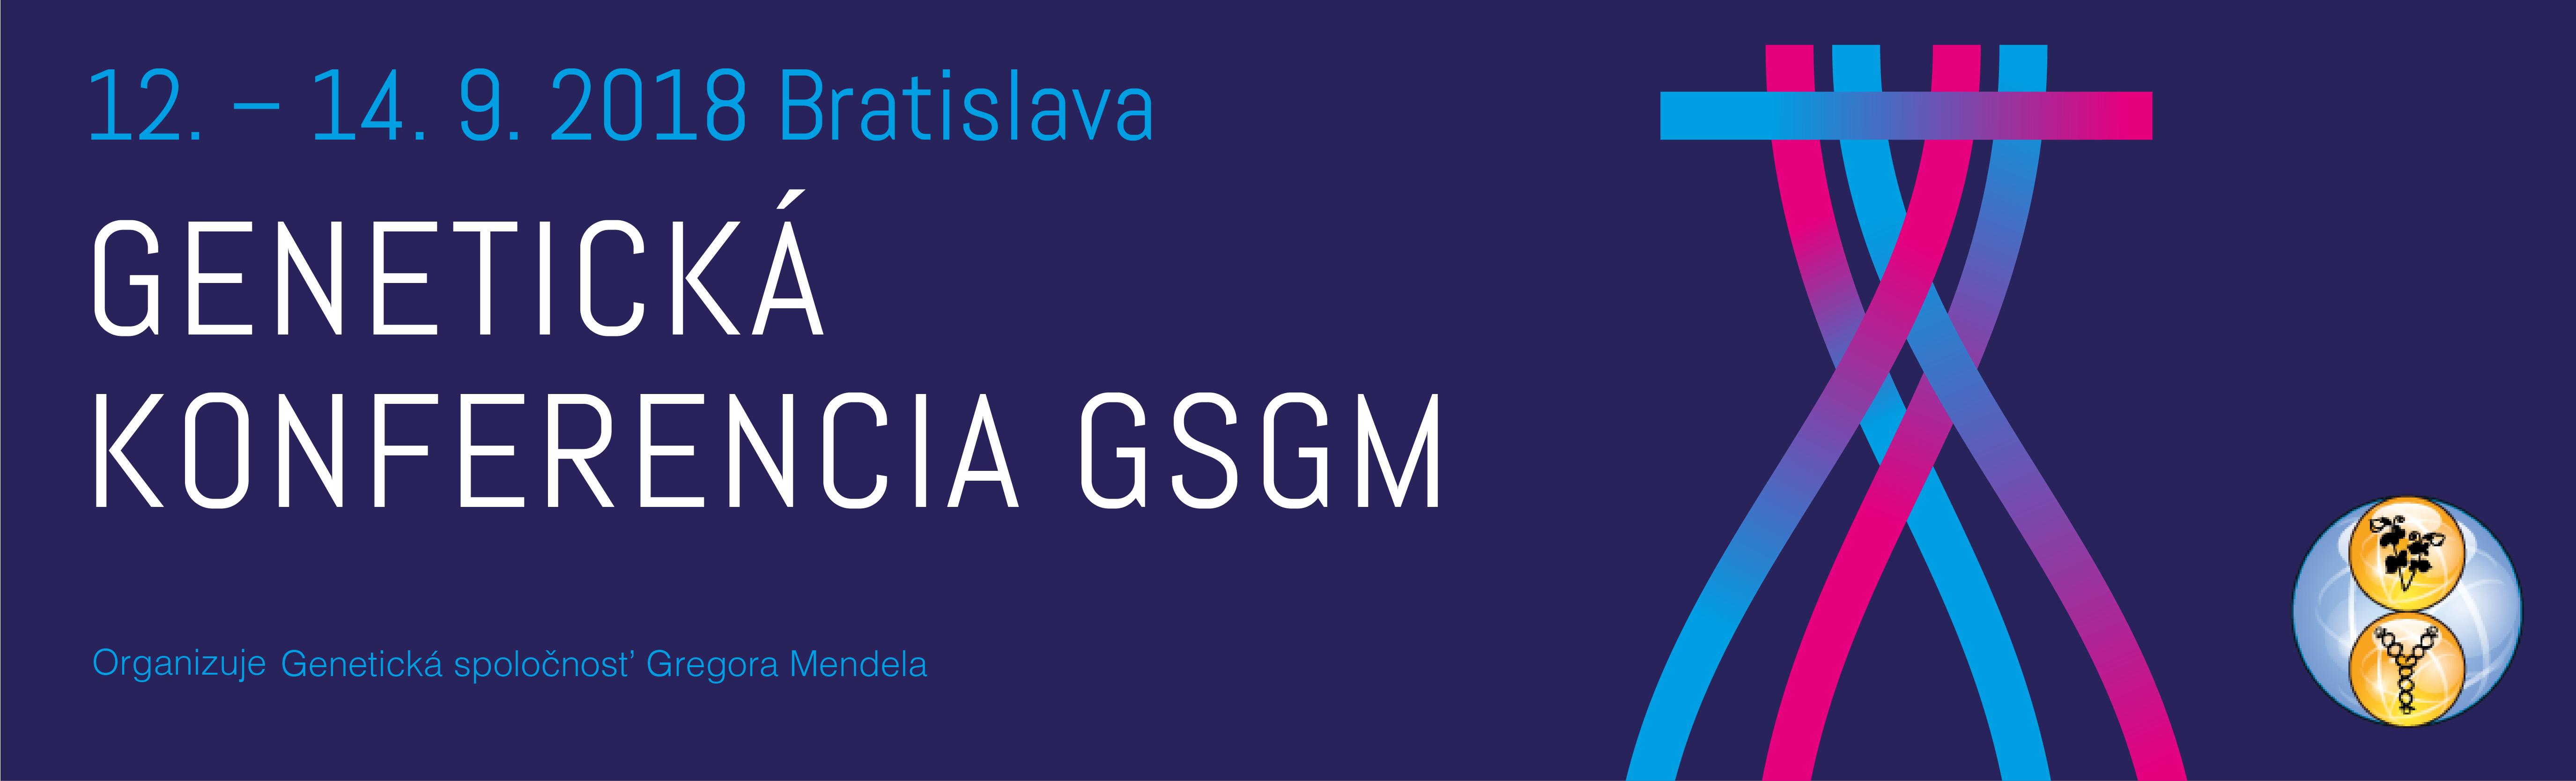 Konferencia GSGM 2018